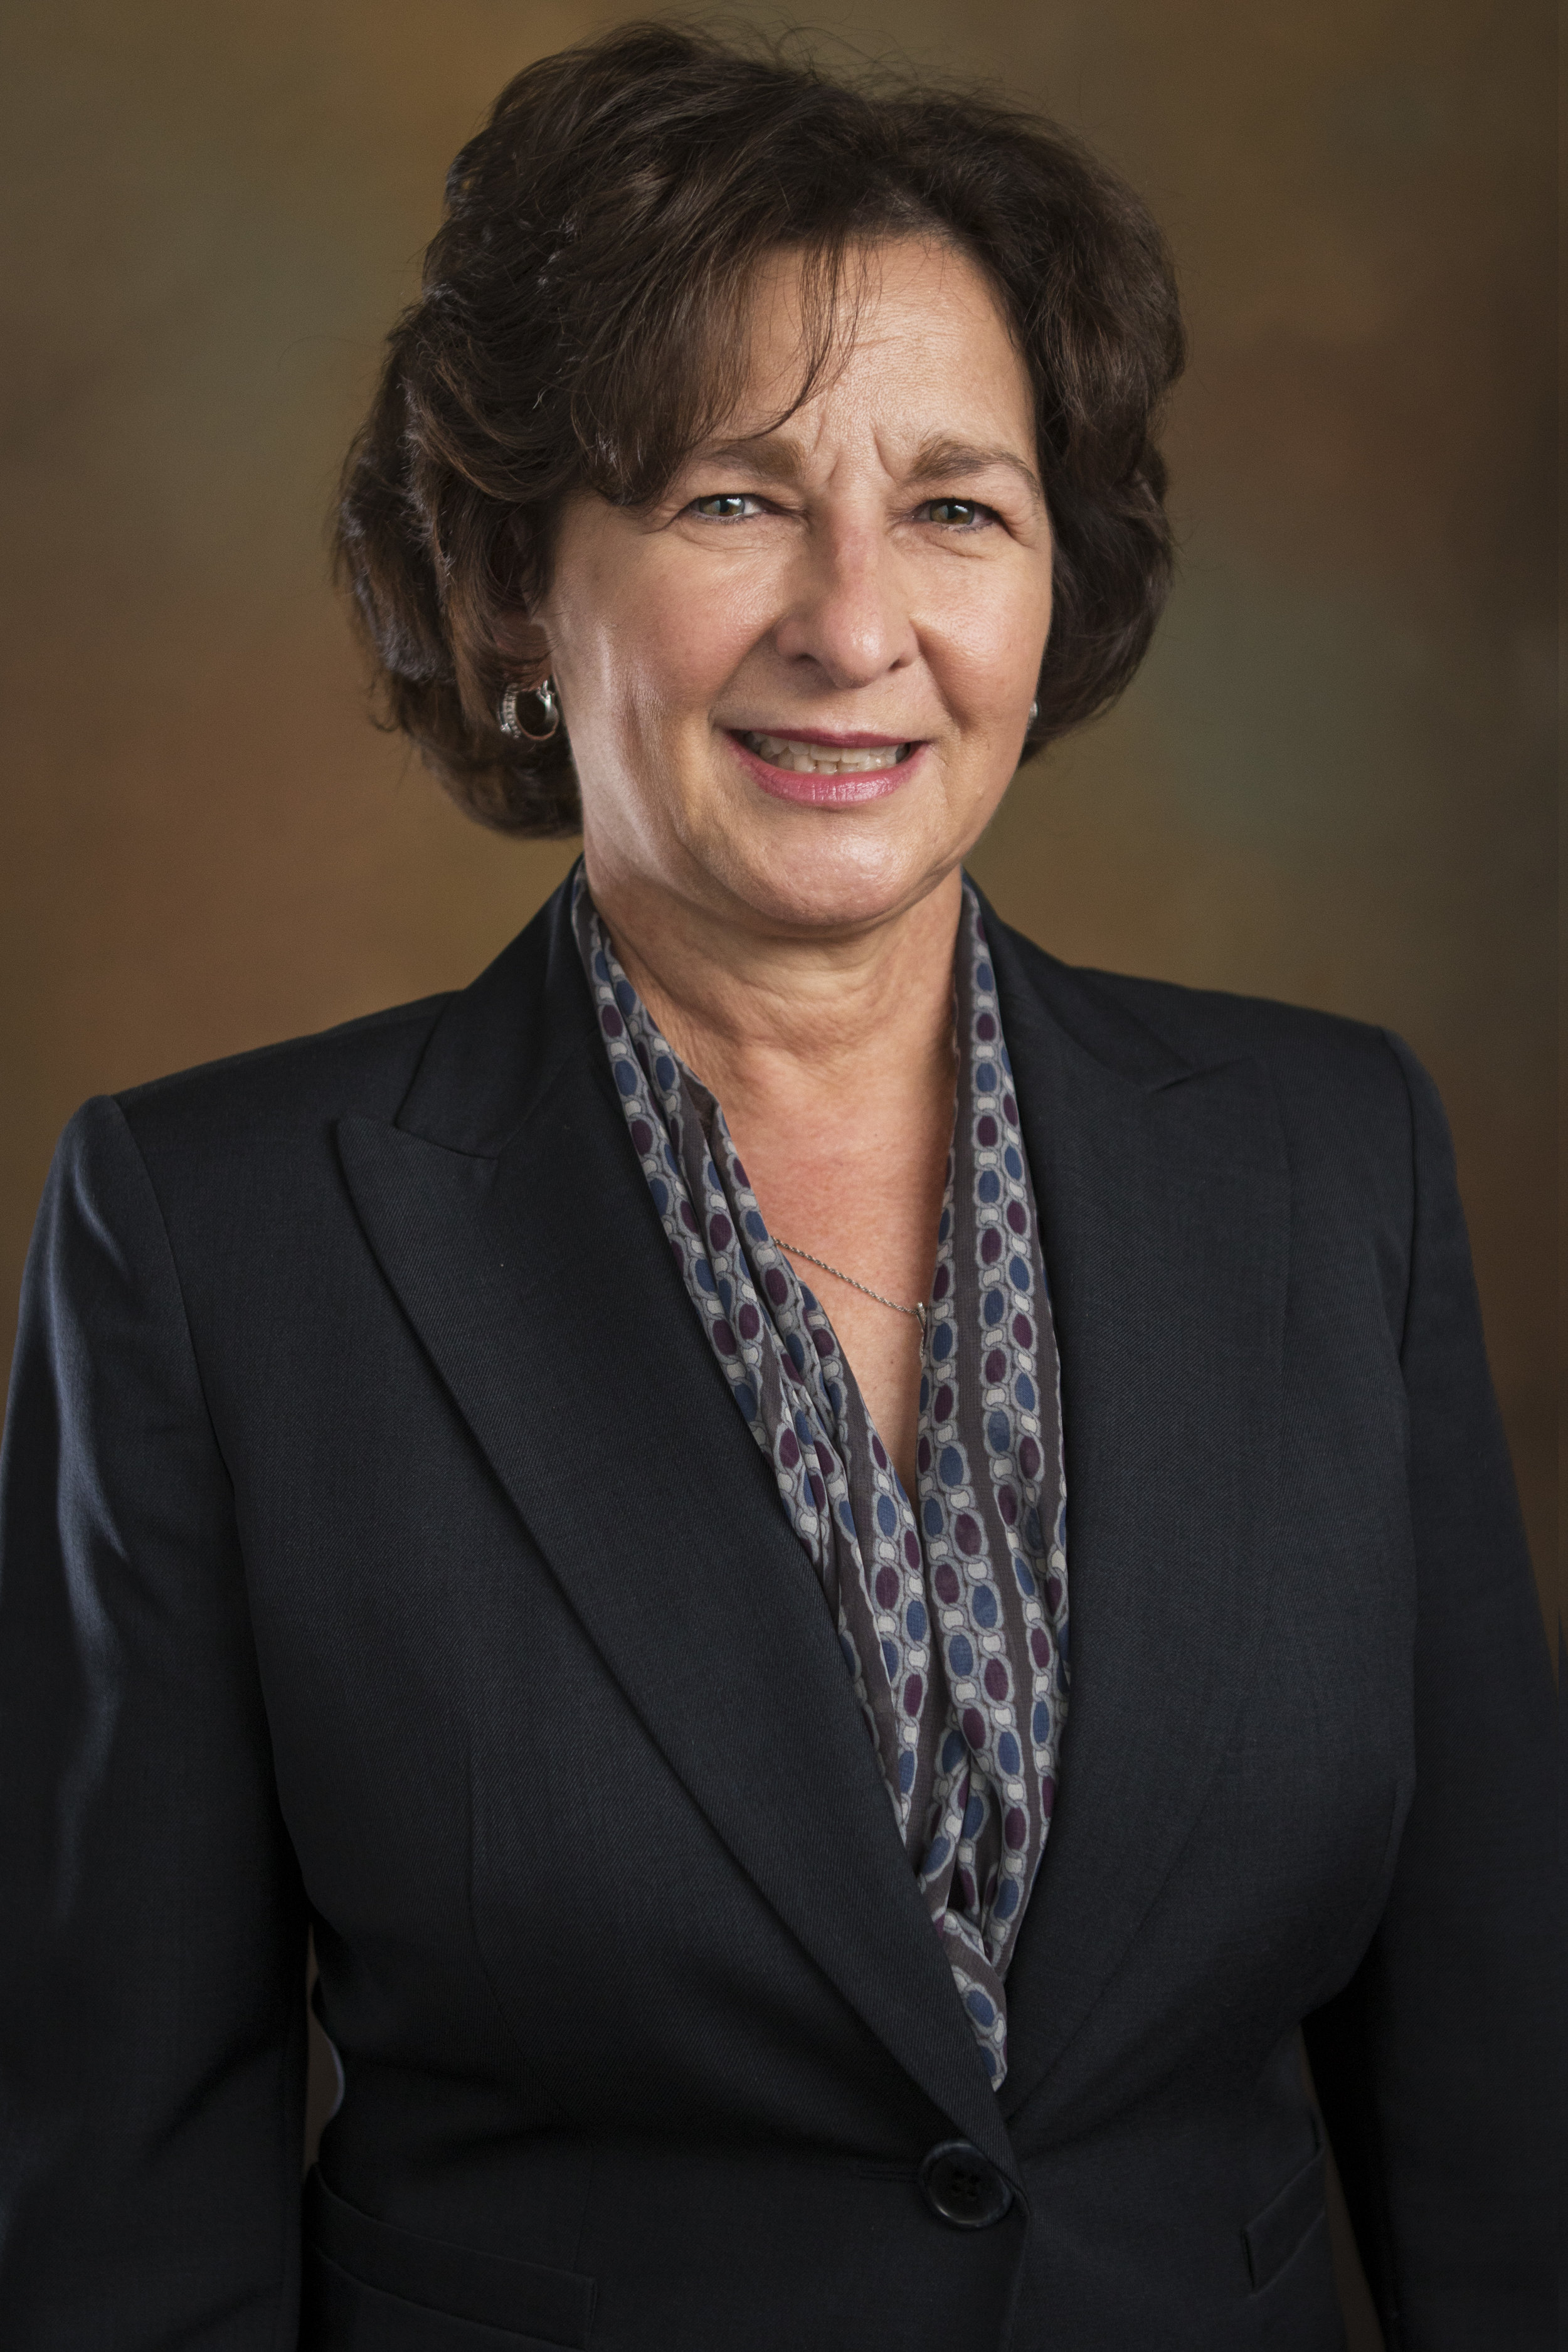 Kay A. Theunissen